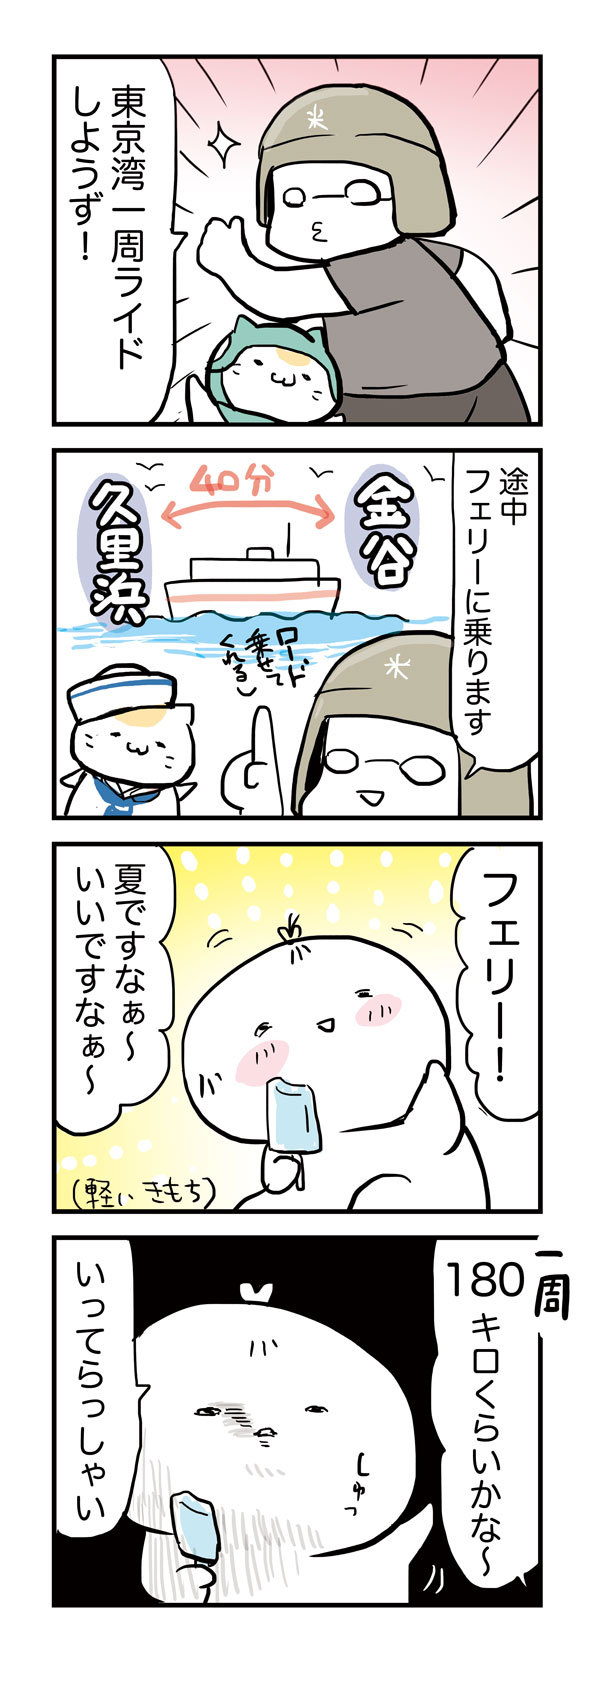 67東京湾一周